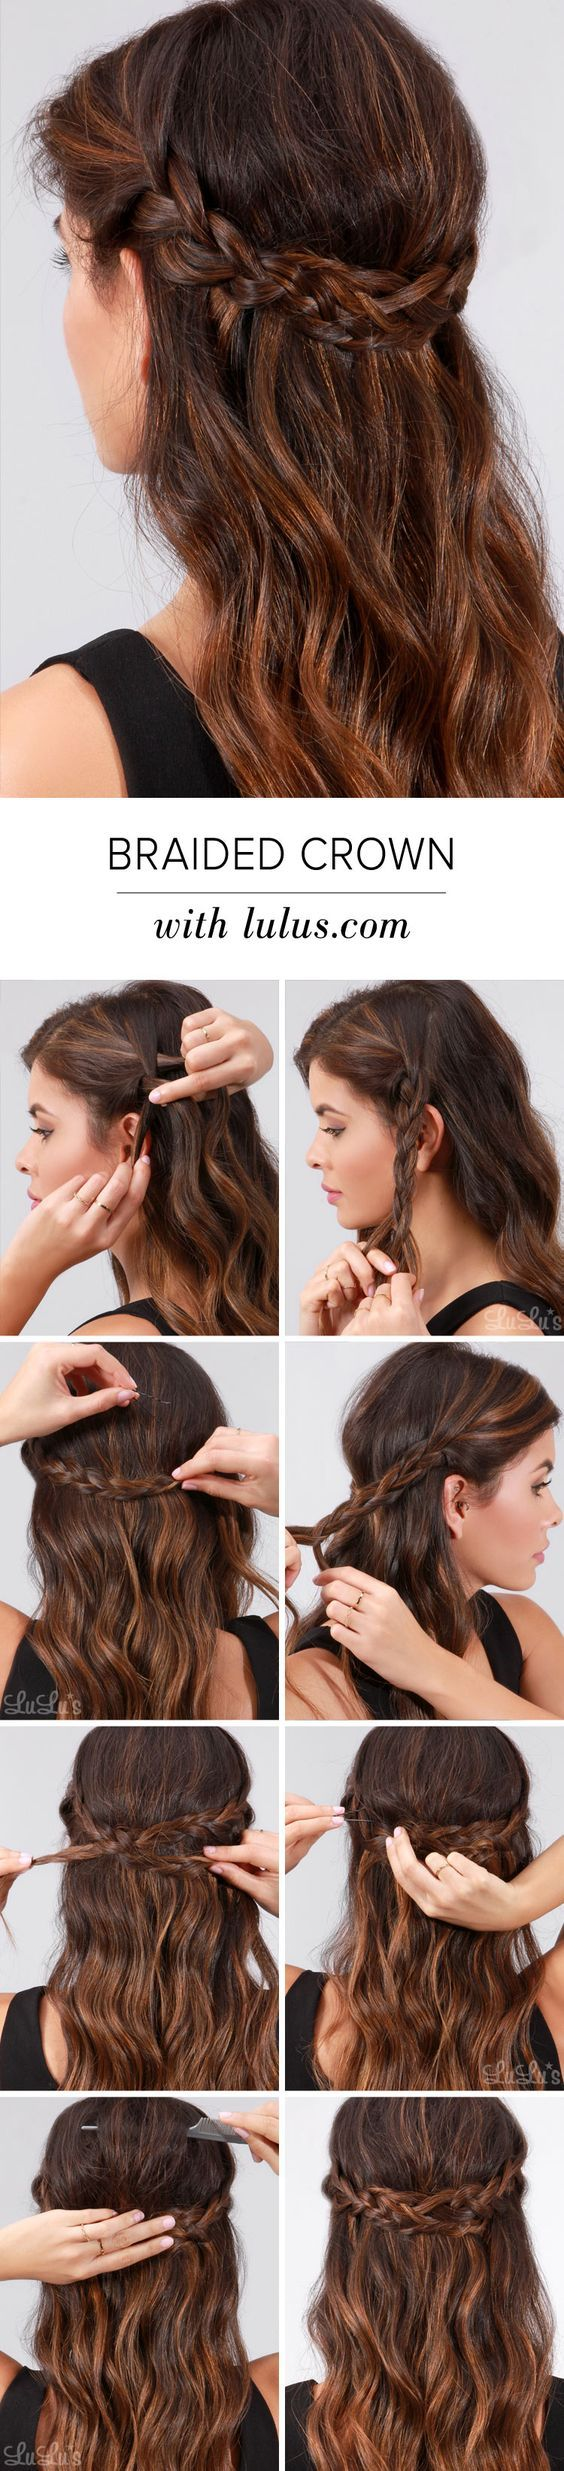 Un tuto coiffure pour réaliser une couronne de tresses version débutante.